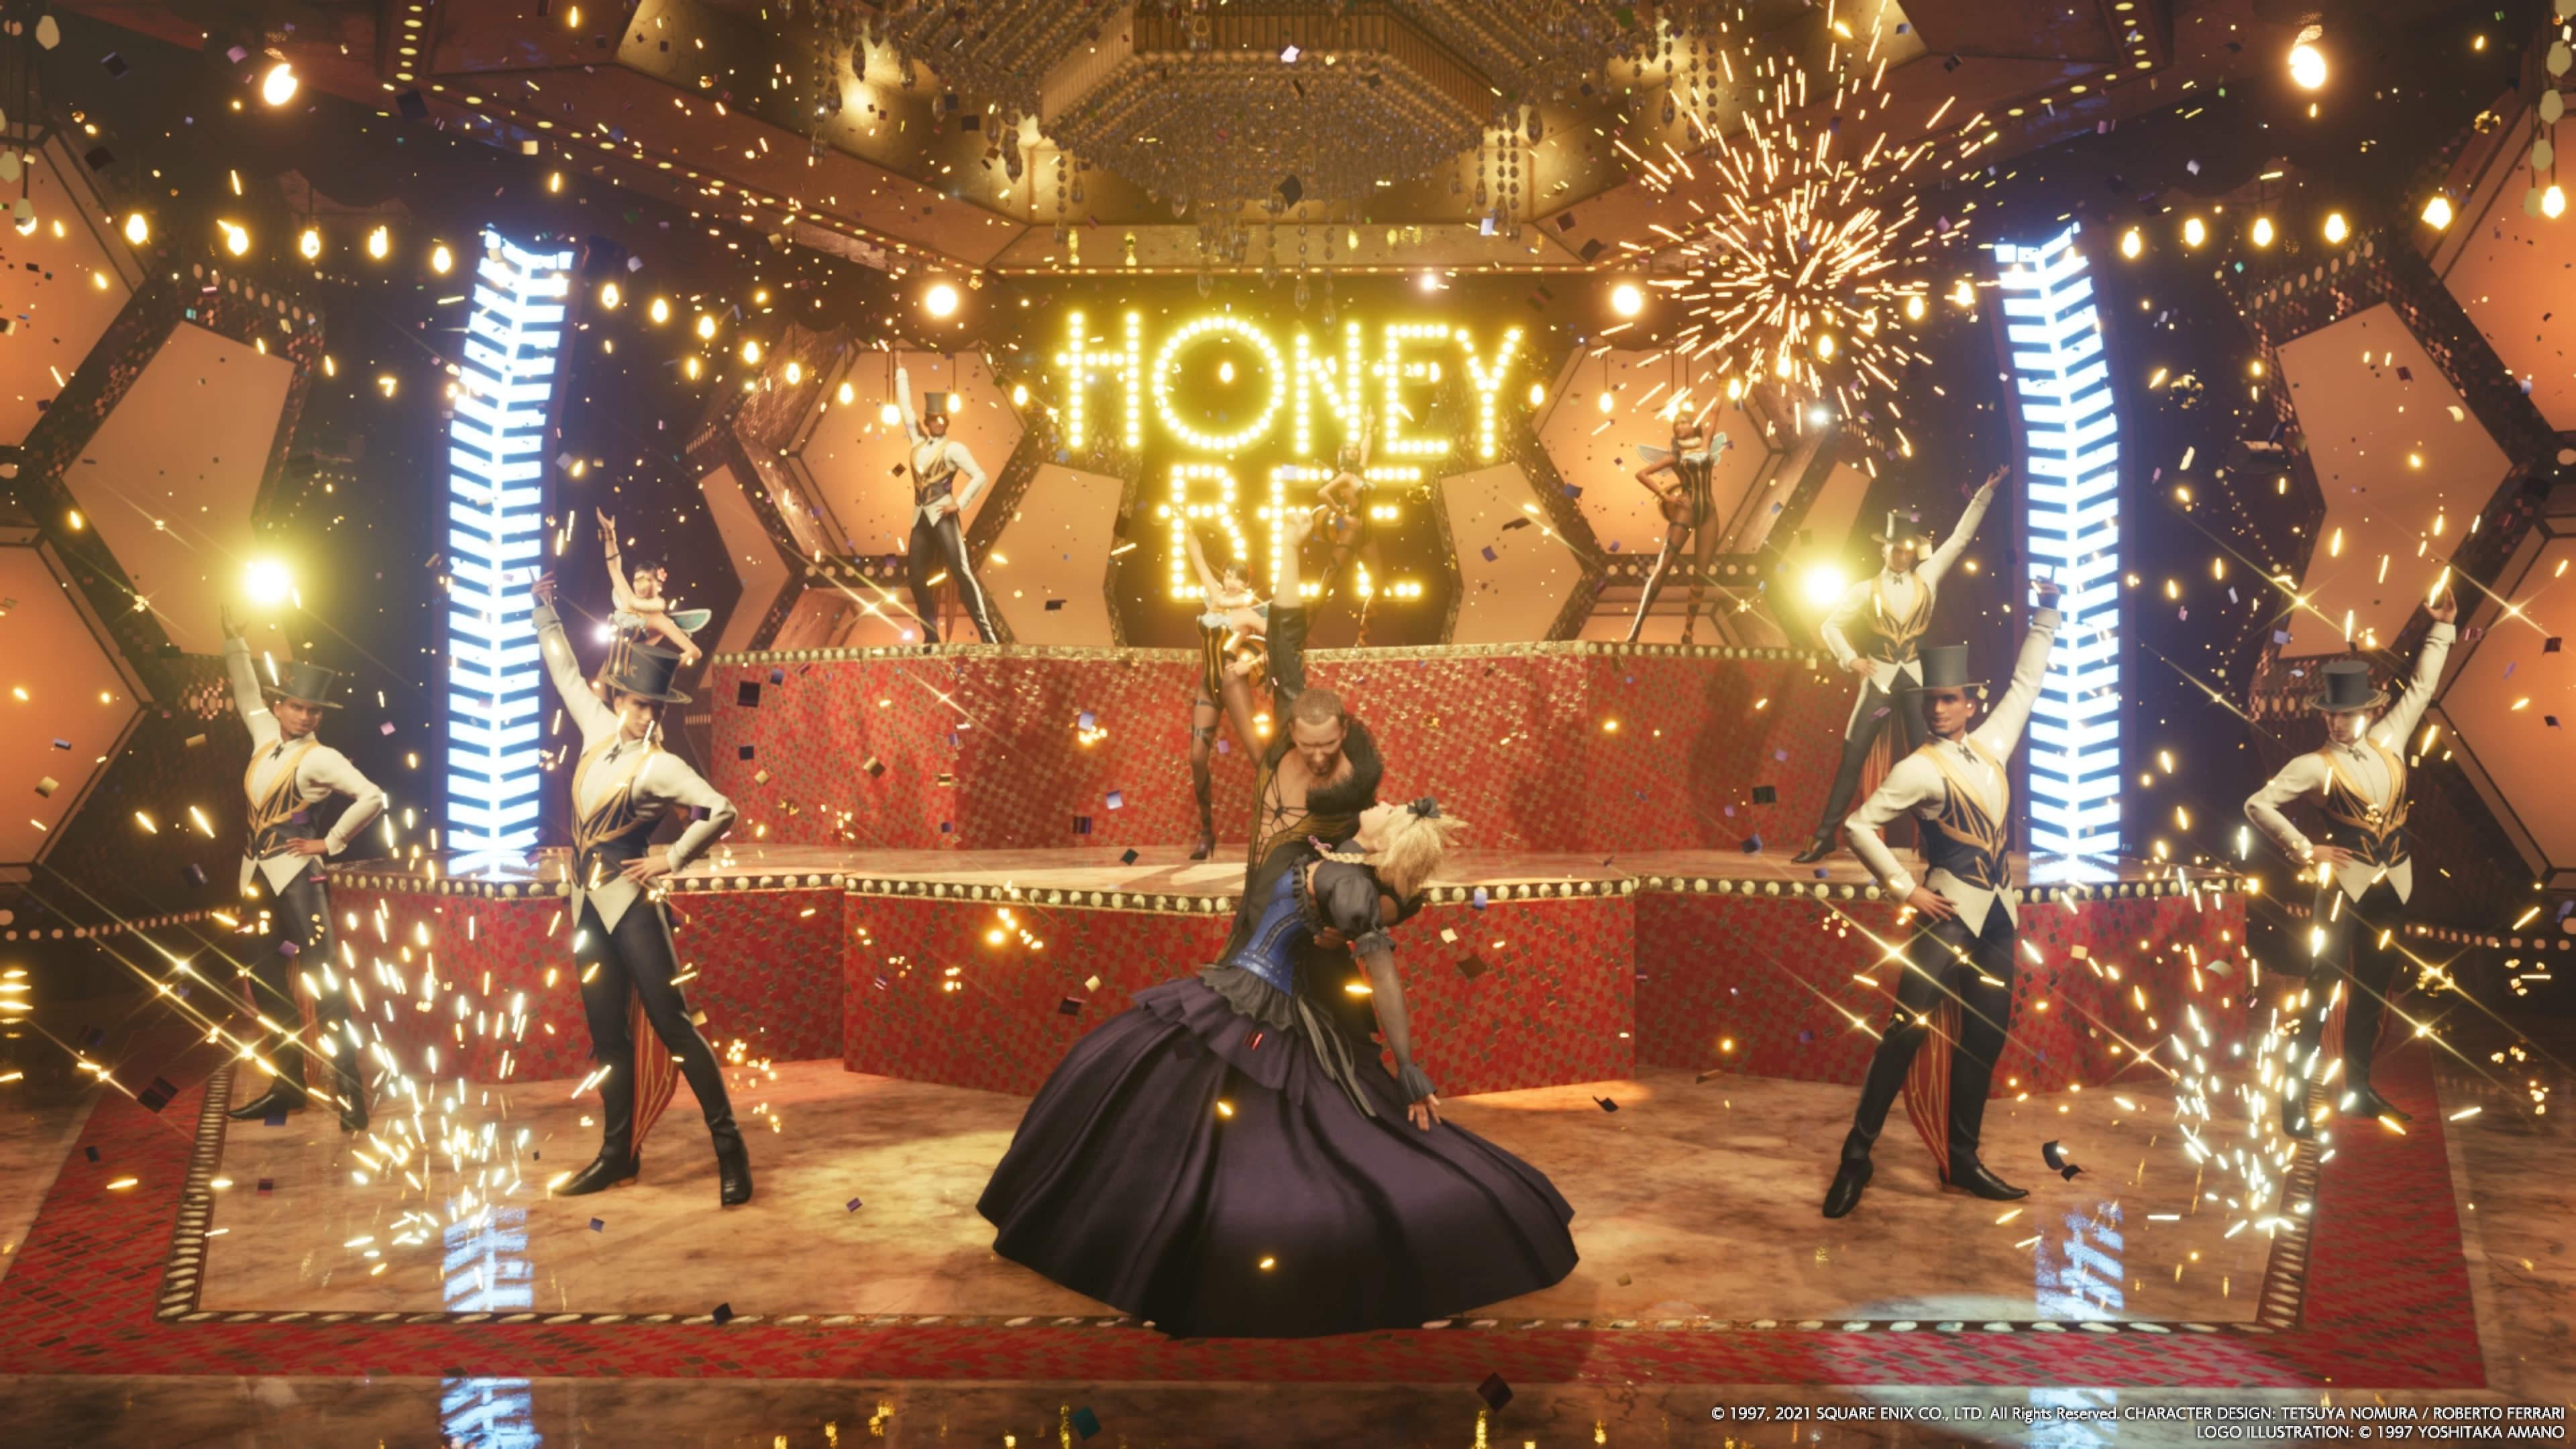 dancing in FF7's honeybee inn scene